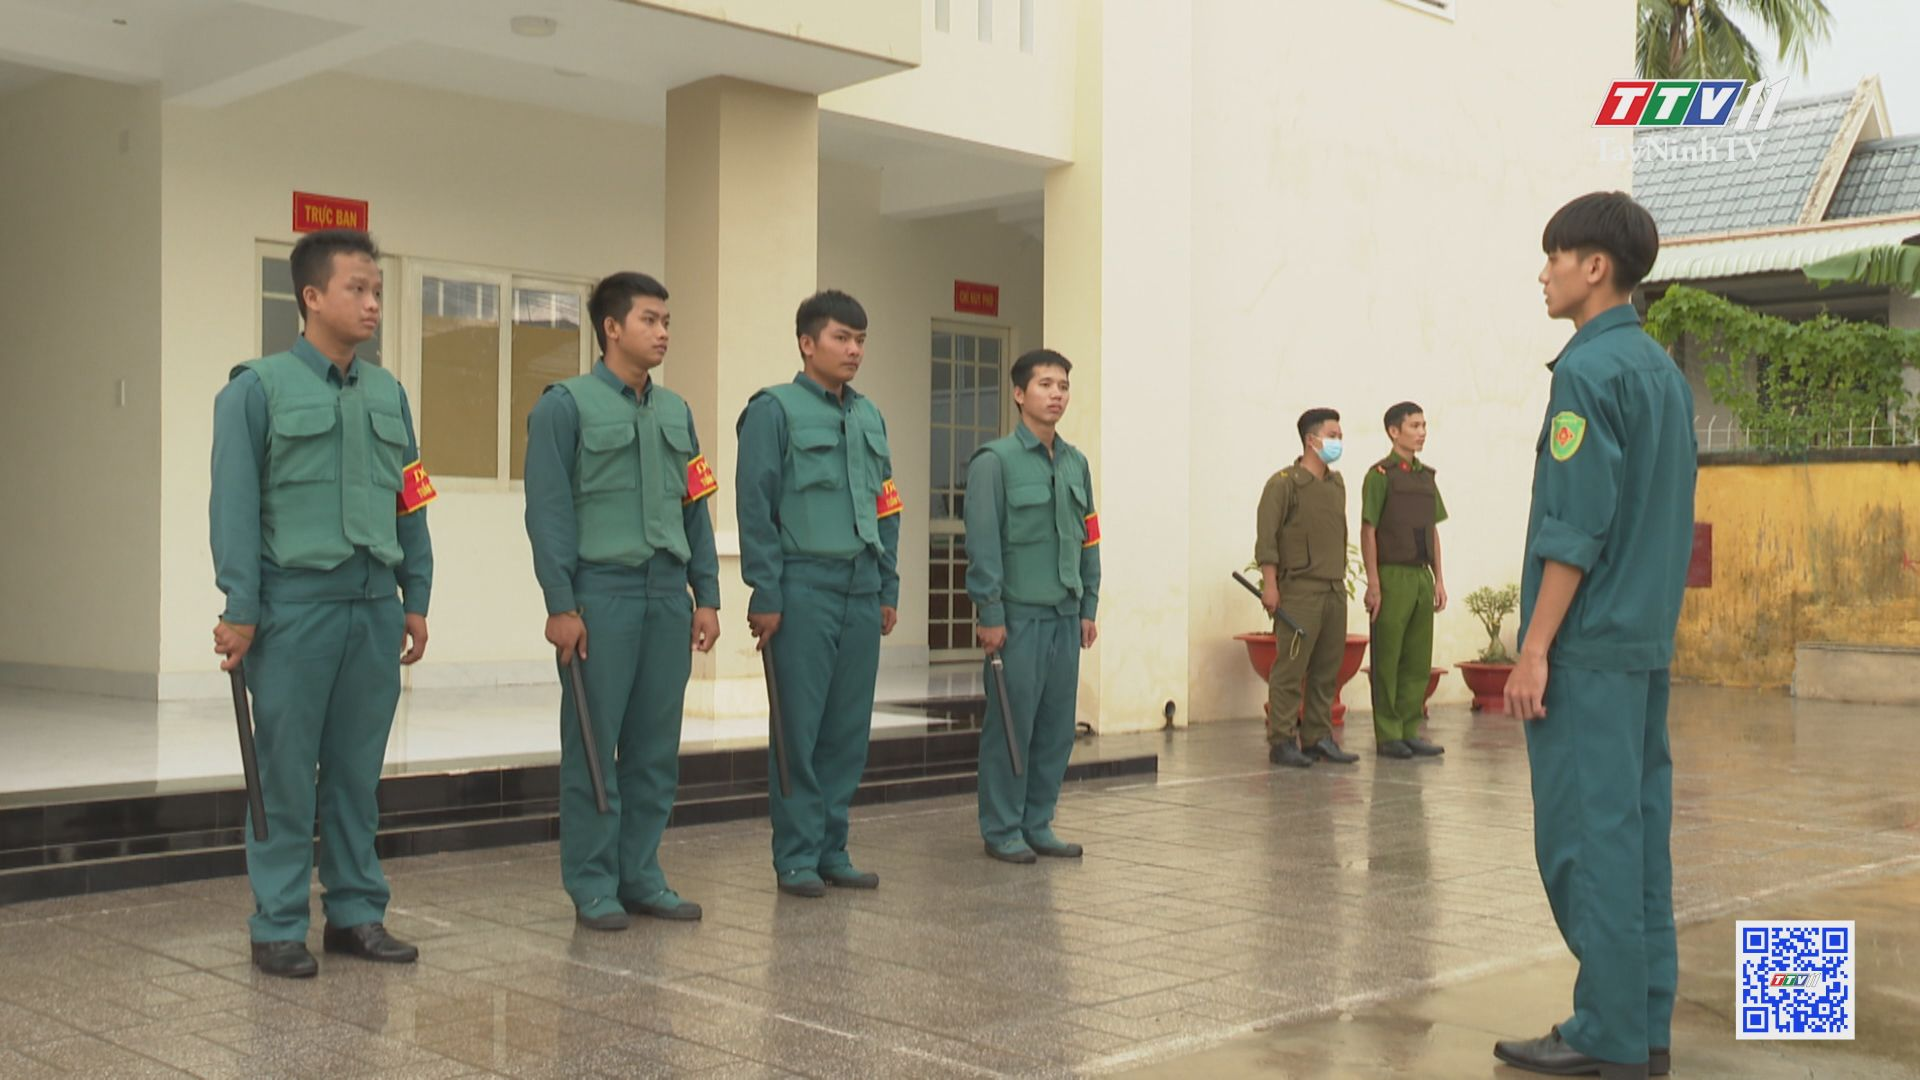 Xã Chà Là điển hình trong công tác tuyên truyền phổ biến luật Dân quân tự vệ | PHÁP LUẬT DÂN QUÂN TỰ VỆ | TayNinhTV